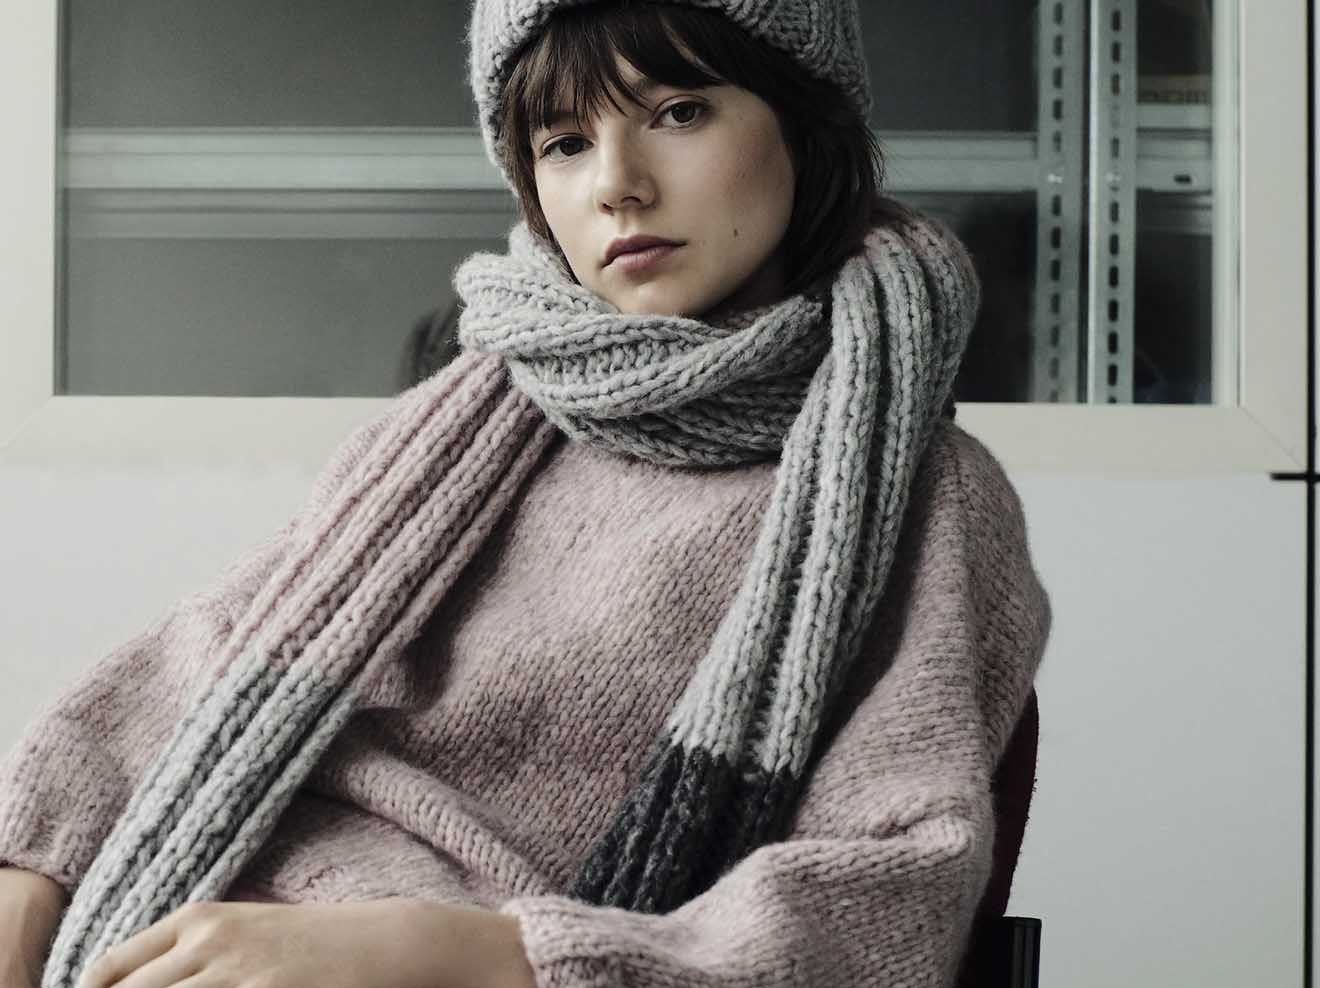 Strickanleitung für einen Wollschal | Schal stricken